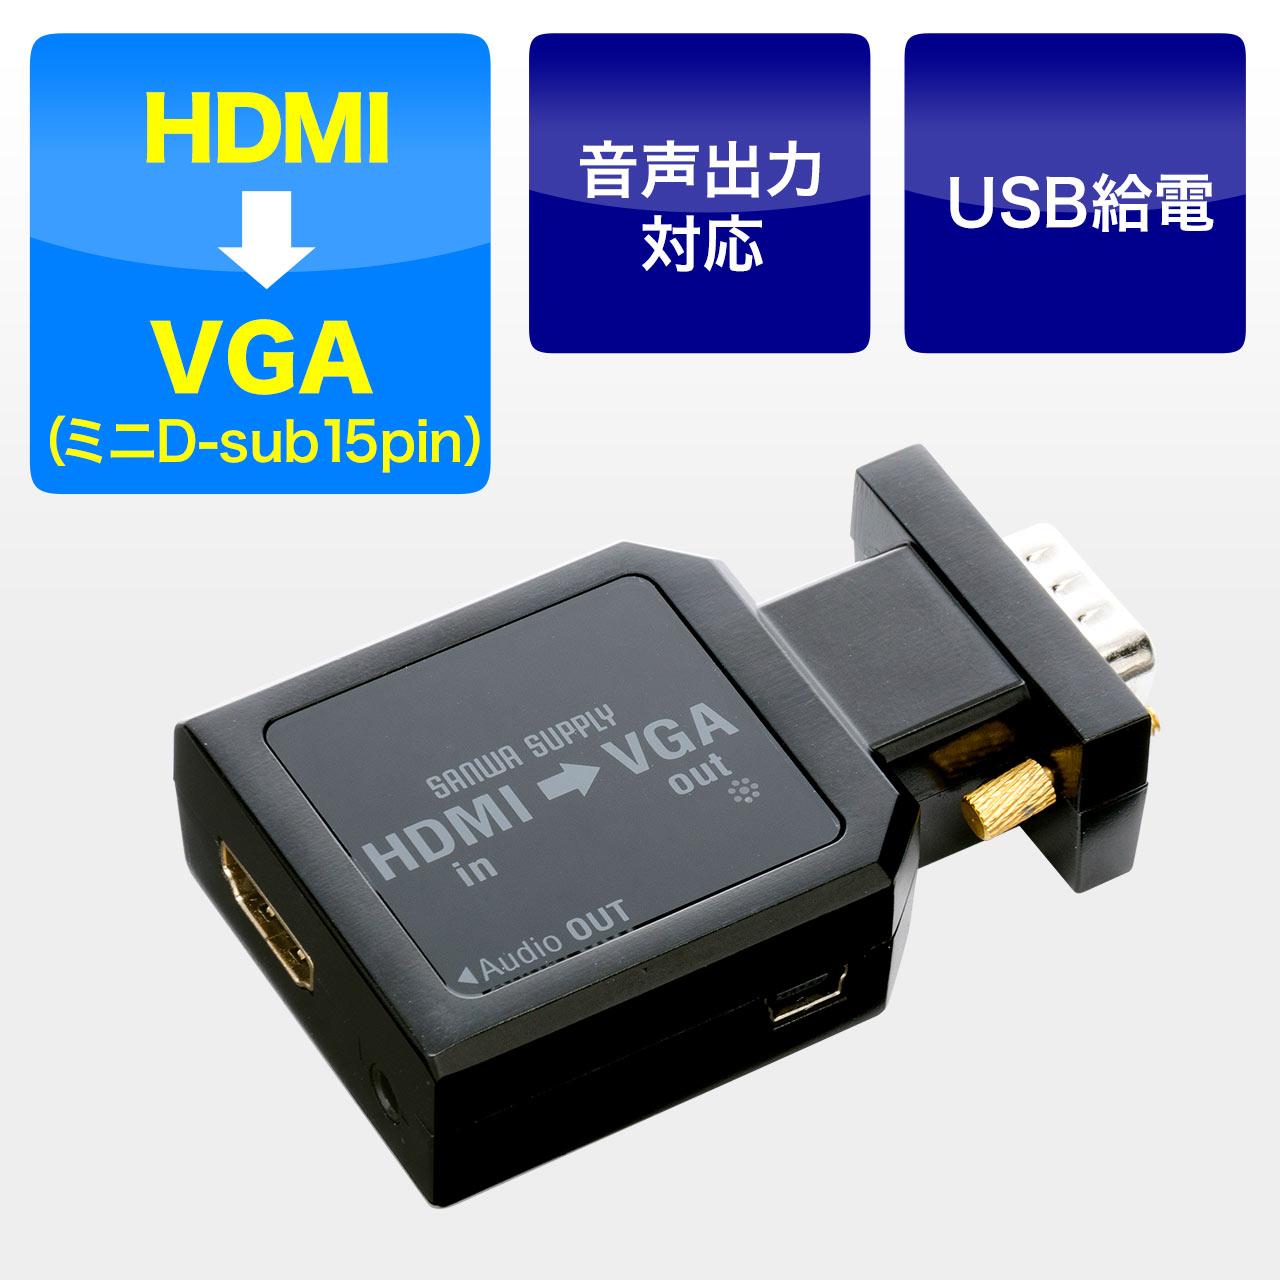 c18305d8b7 usbスピーカー|その他のパソコンサプライ品 通販・価格比較 - 価格.com